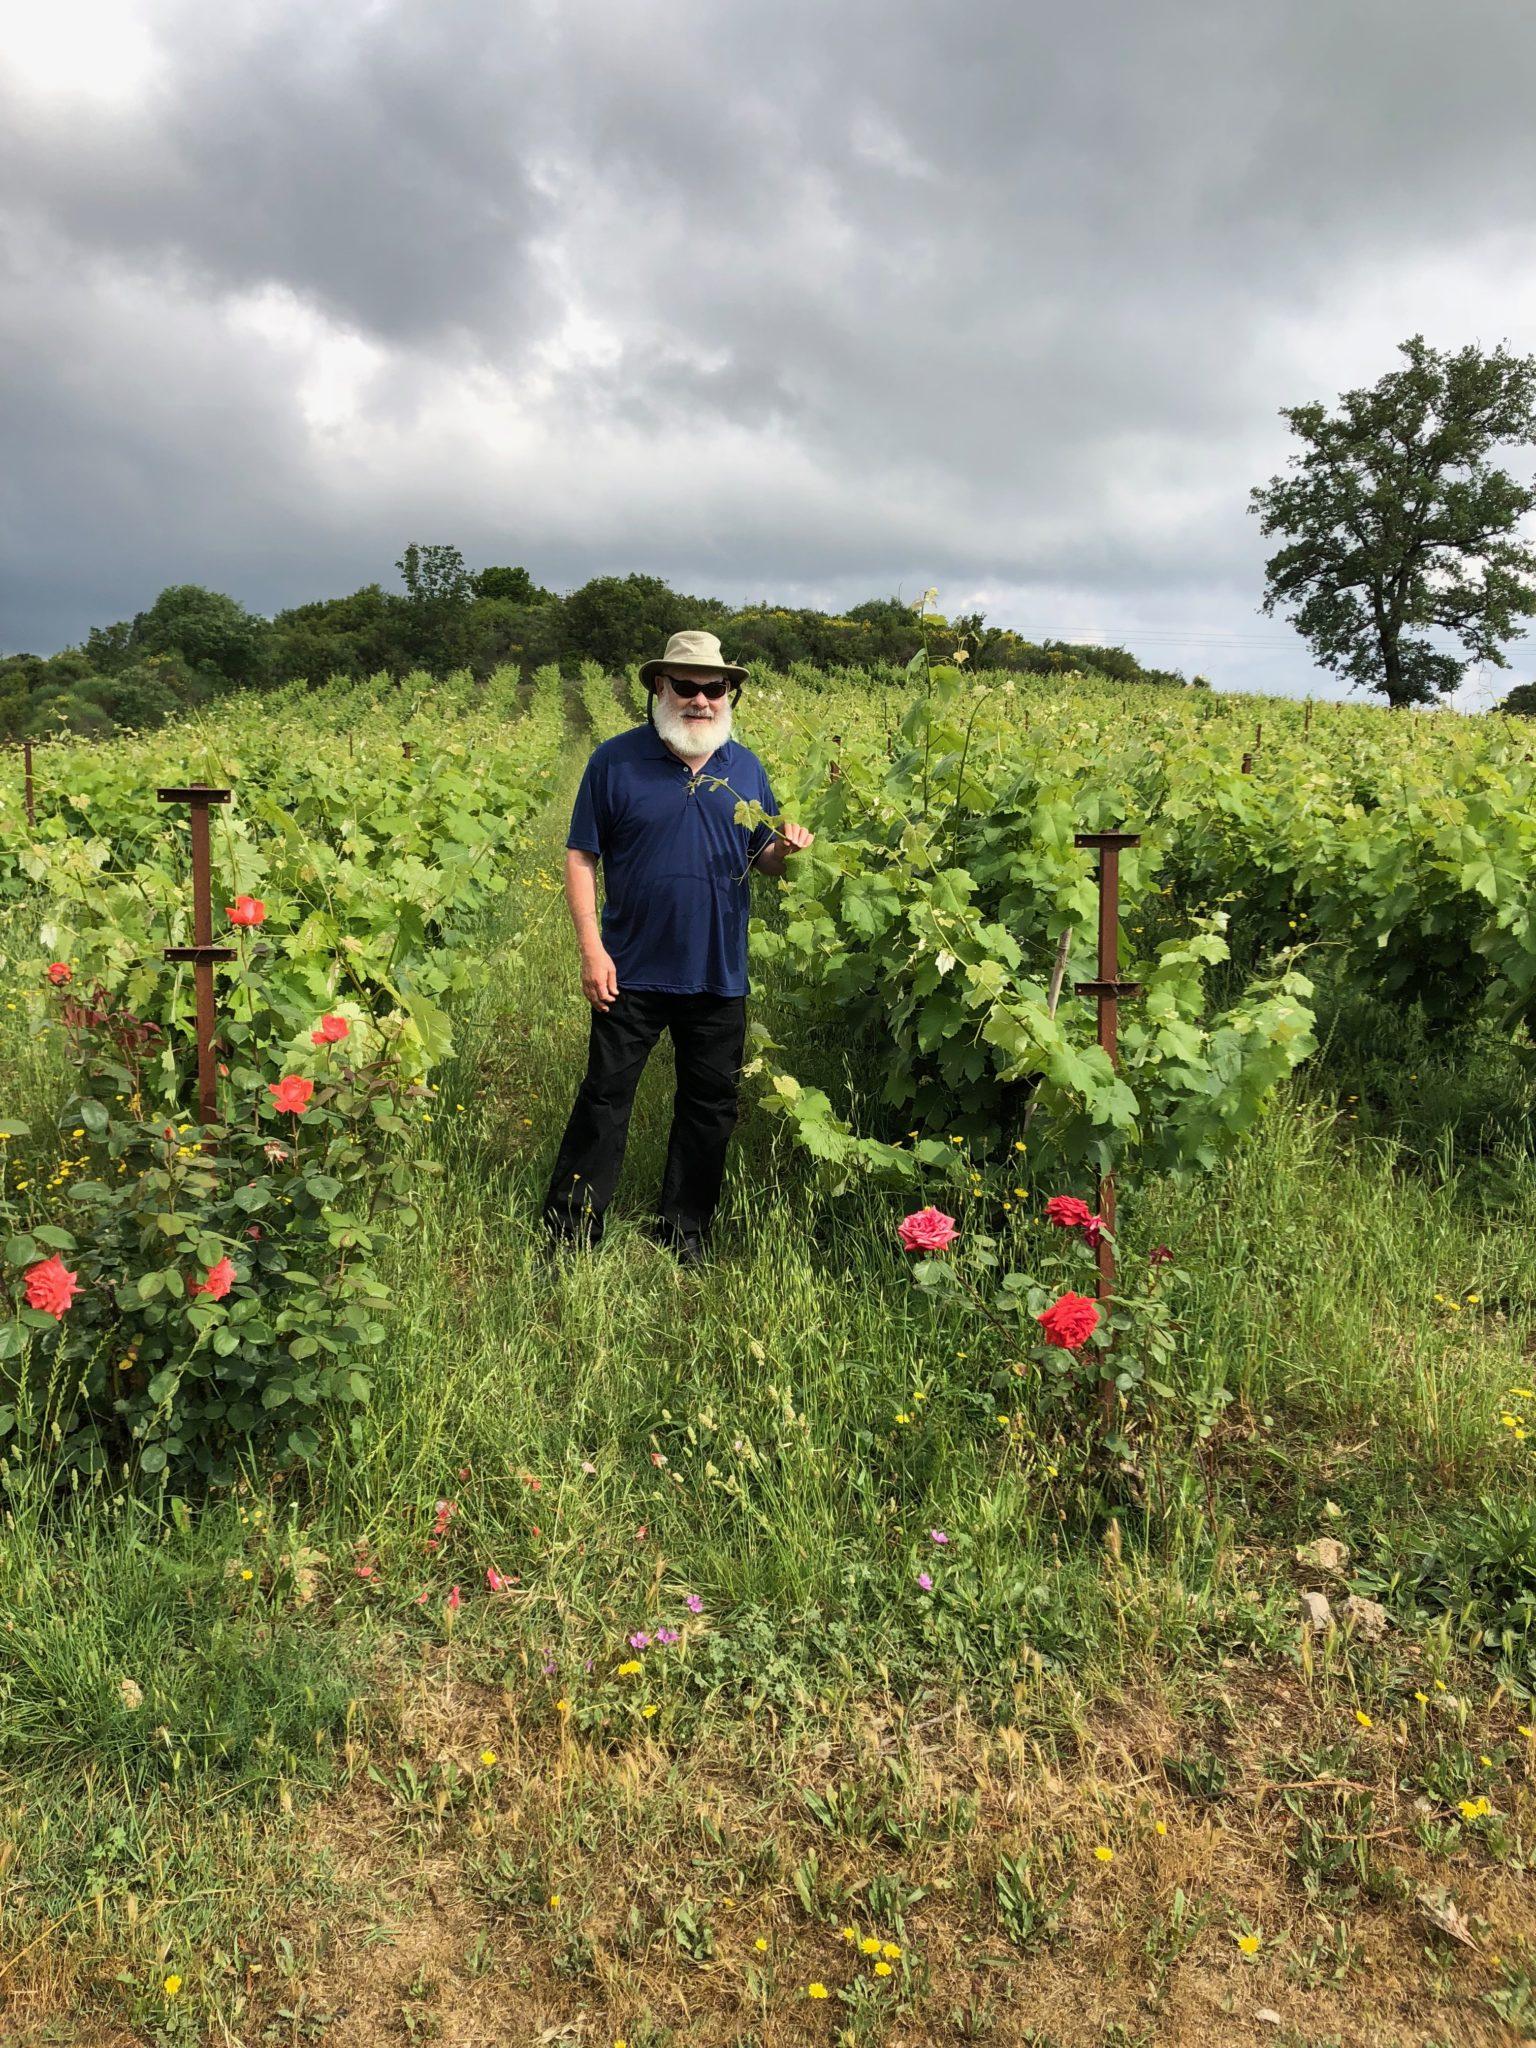 Vineyard in Corfu, Greece